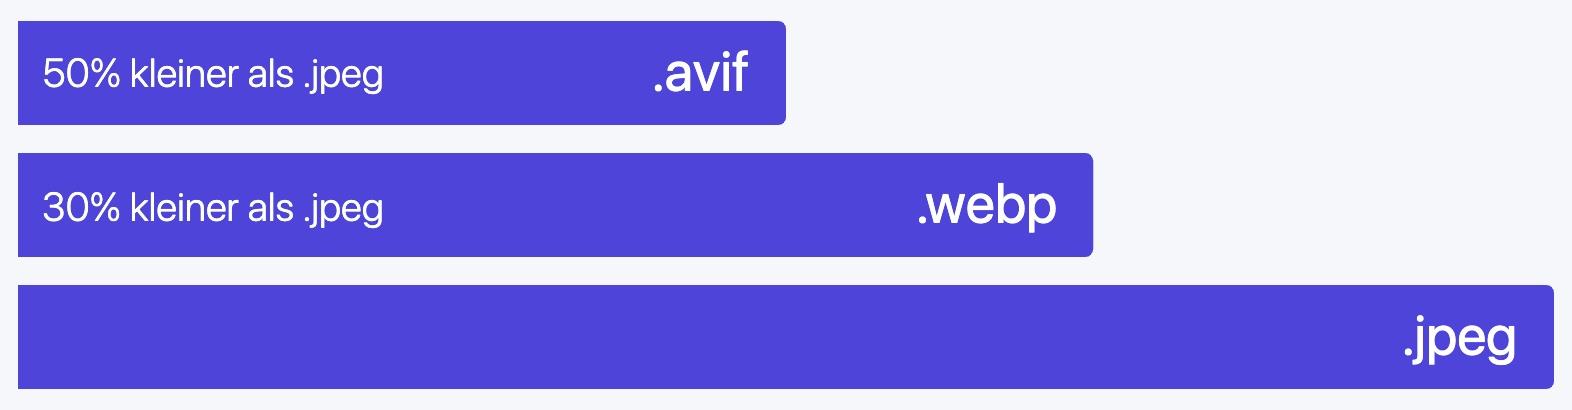 Das Balkendiagramm zeigt das Größenverhältnis der Formate avif und webp im Vergleich zu jpeg an. Webp ist 30 % kleiner als jpeg, avif 50 % kleiner als jpeg.